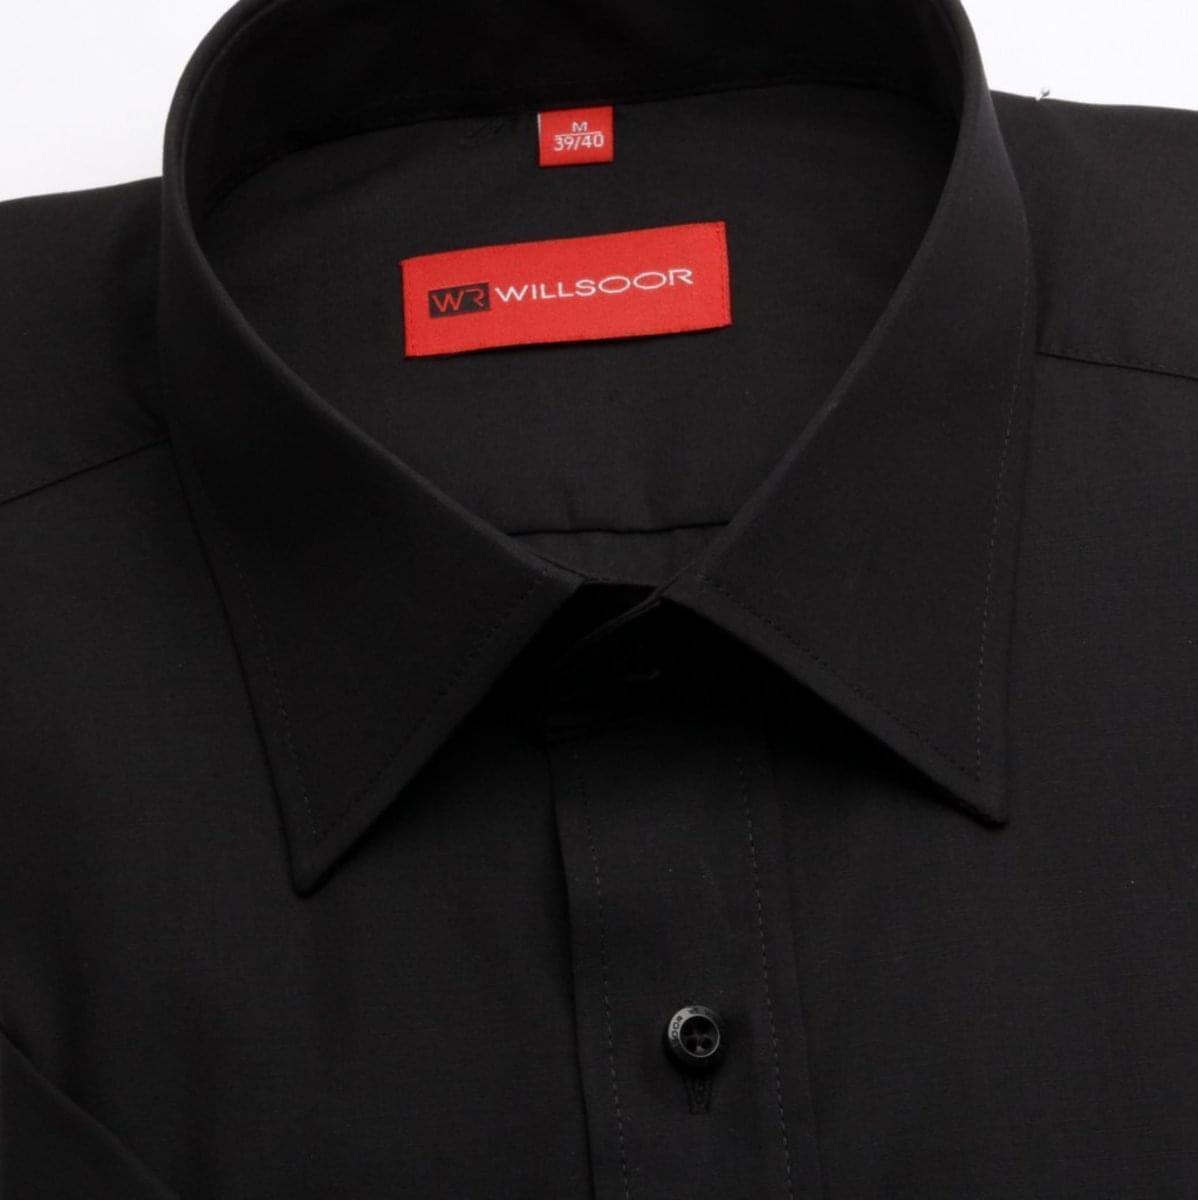 Willsoor Košile WR Slim Fit (výška 176-182) 3680 176-182 / L (41/42)